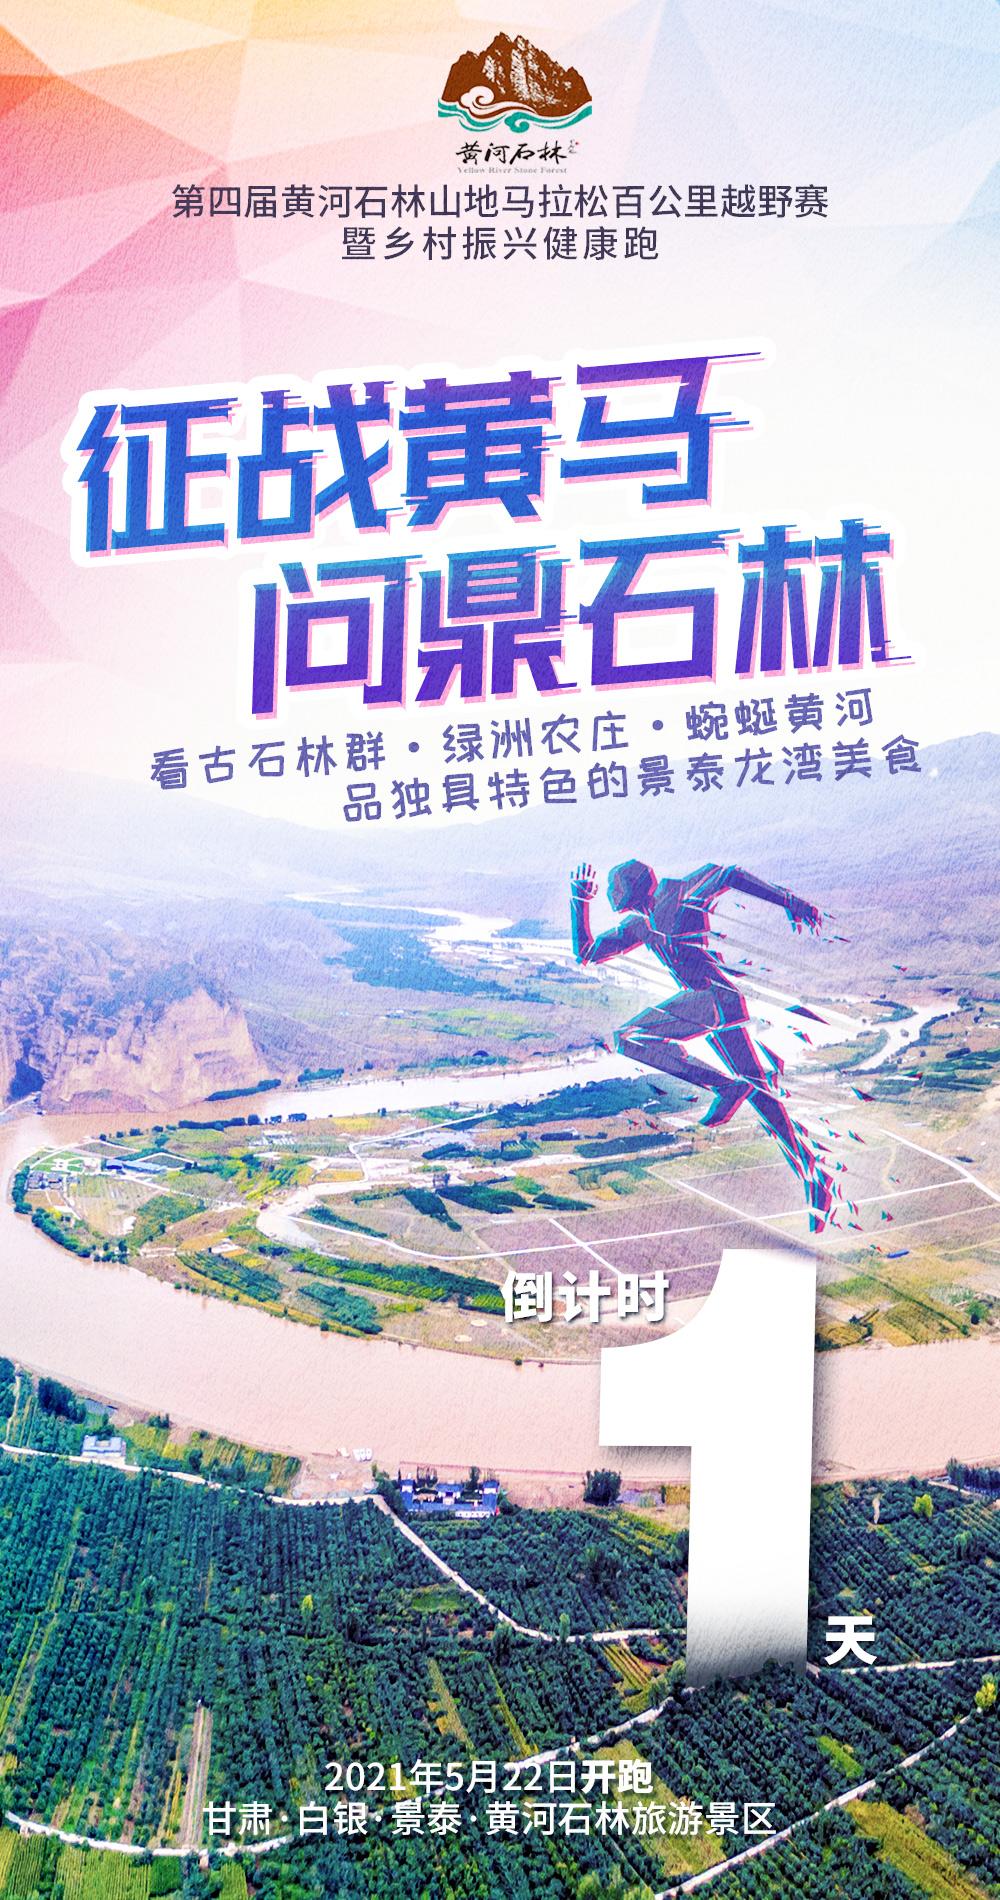 甘肃白银黄河石林山地马拉松海报